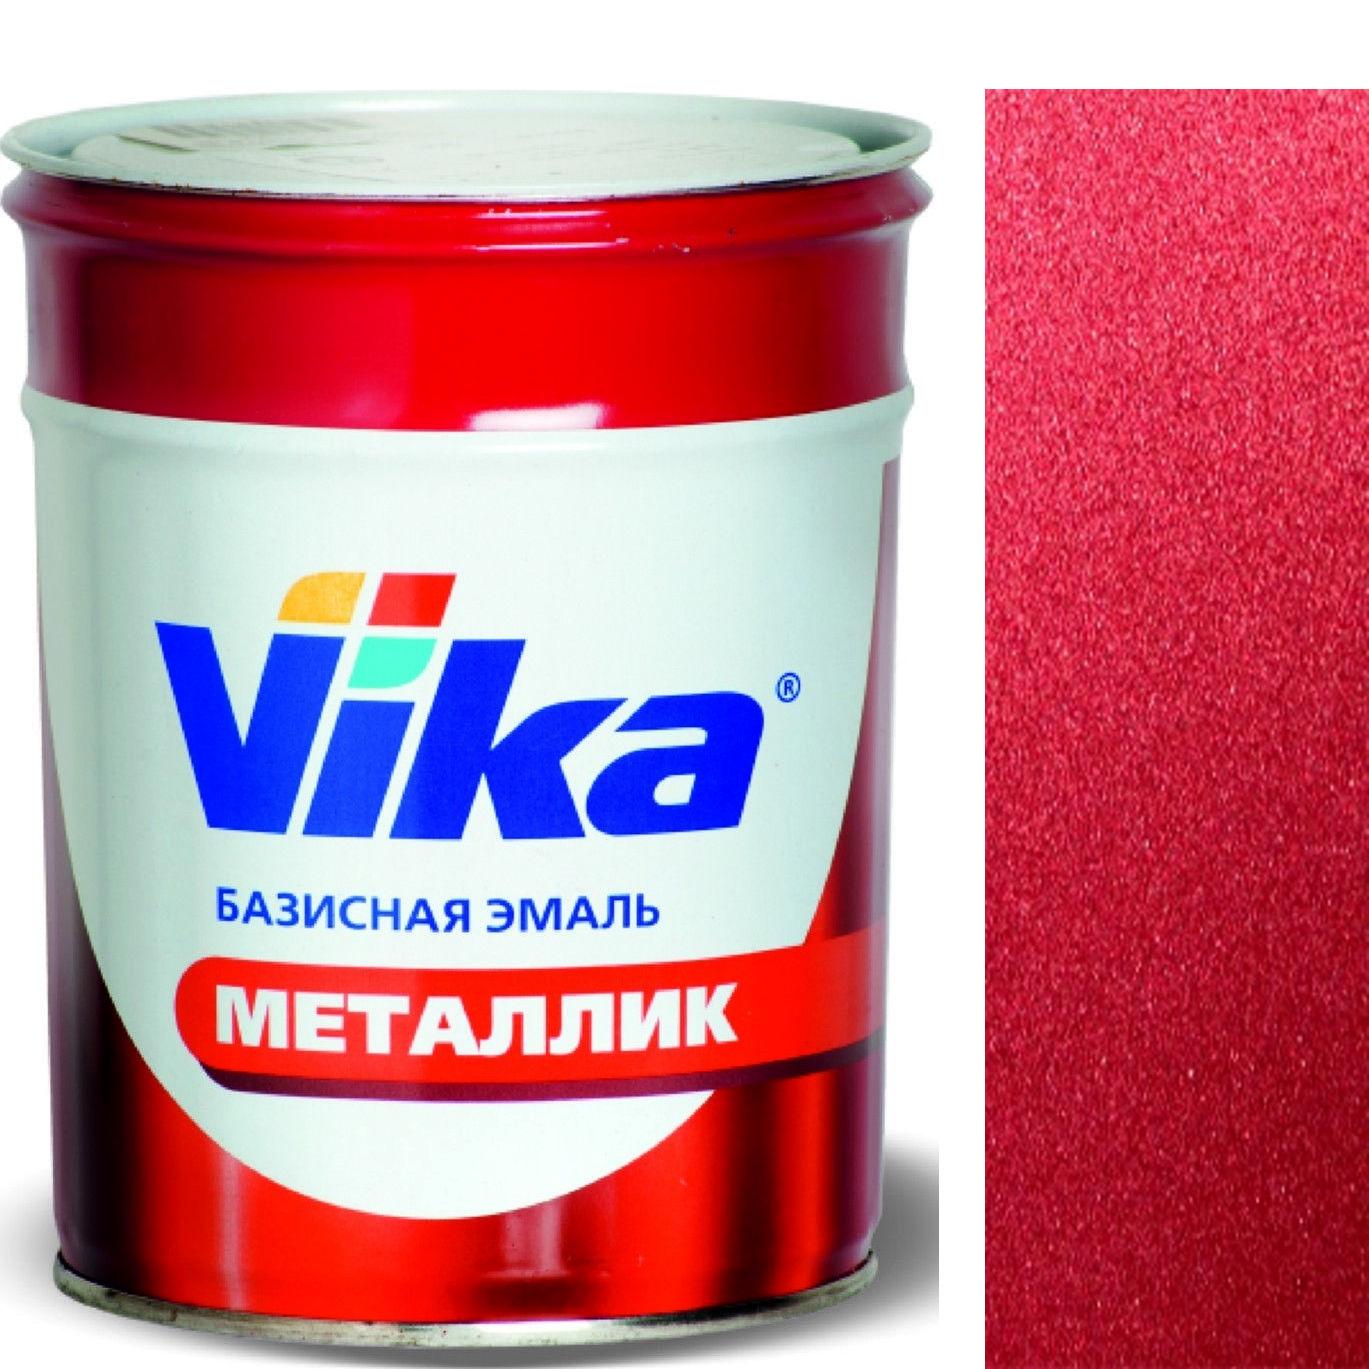 """Фото 9 - Автоэмаль """"Металлик"""" 129 Виктория, профессиональная базовая, - 0,9 кг."""